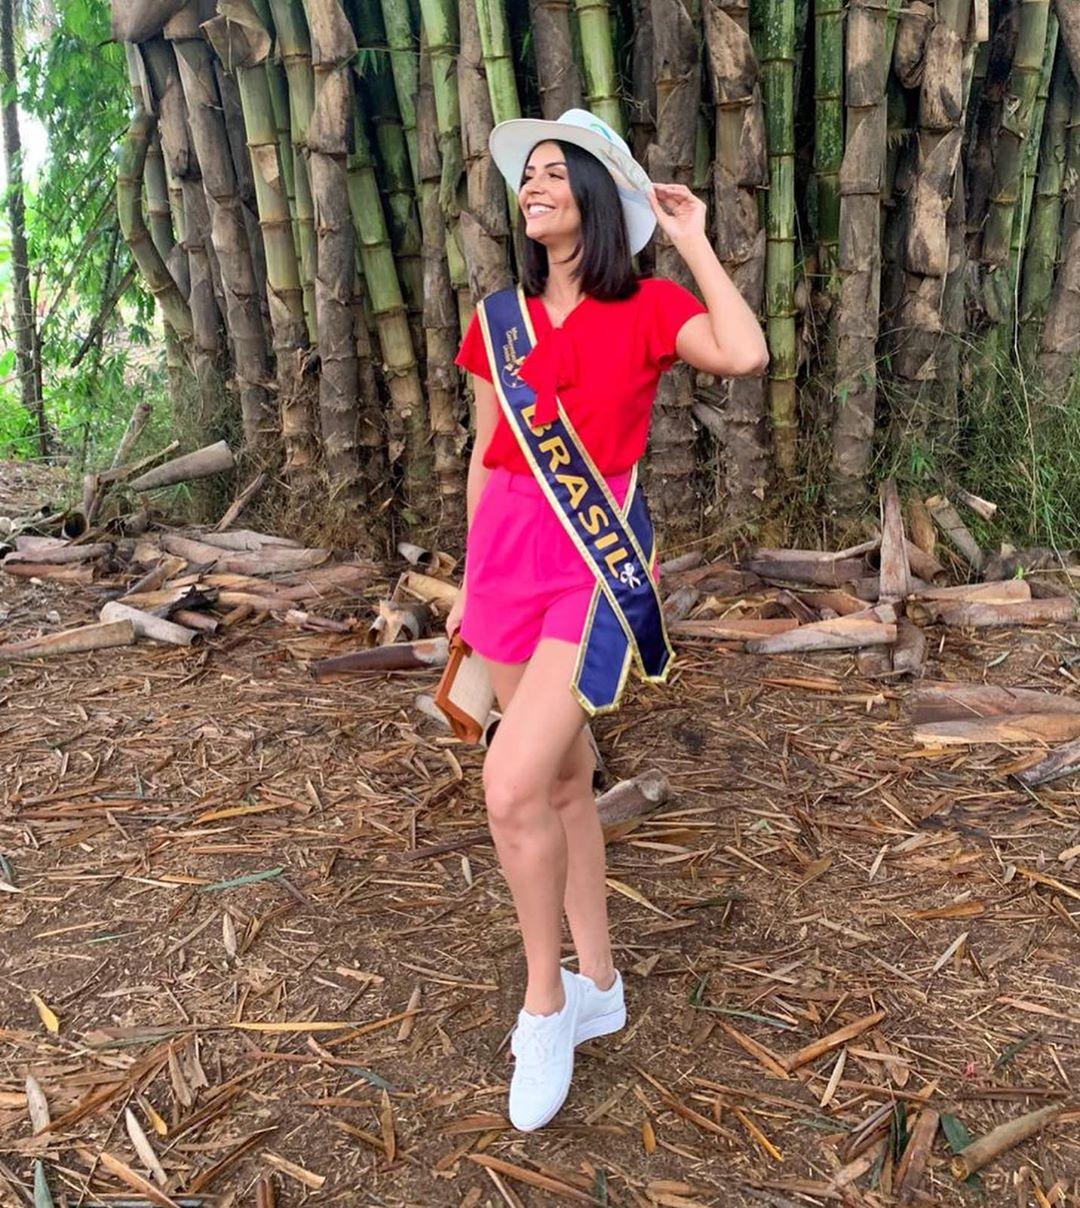 thylara brenner, miss brasil continentes unidos 2019. - Página 9 70292310